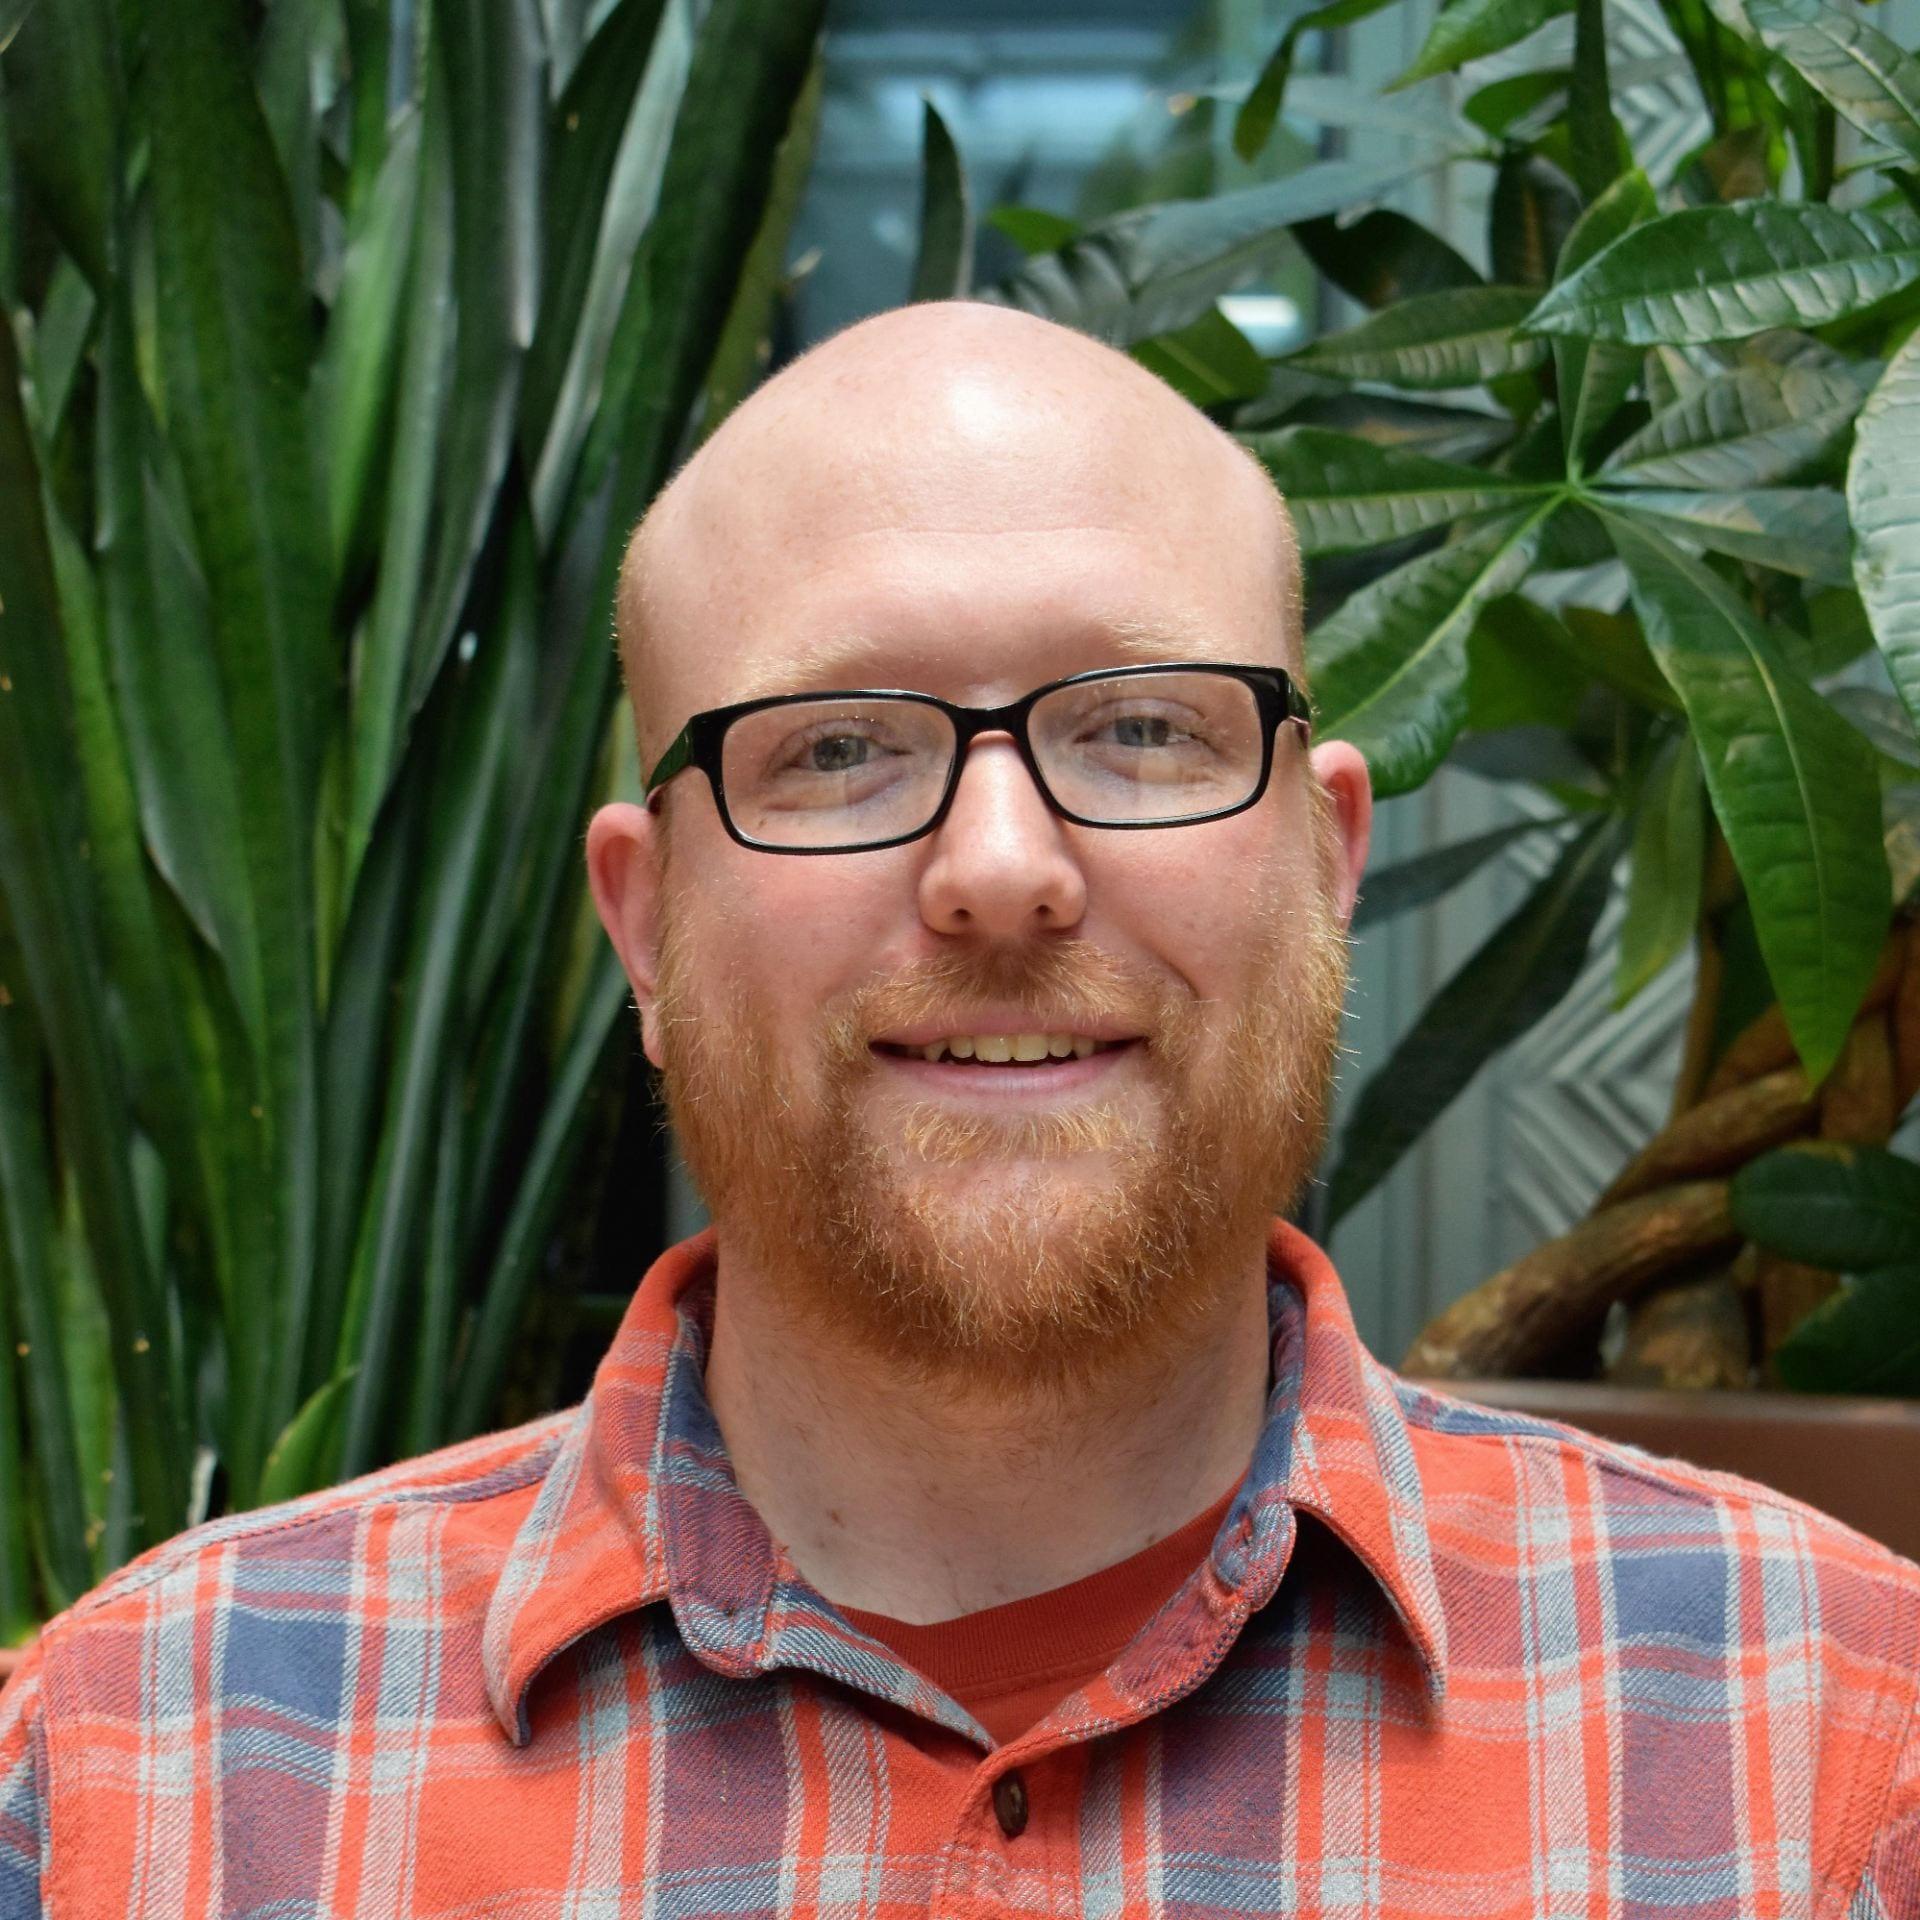 Dr. Ben Linzmeier